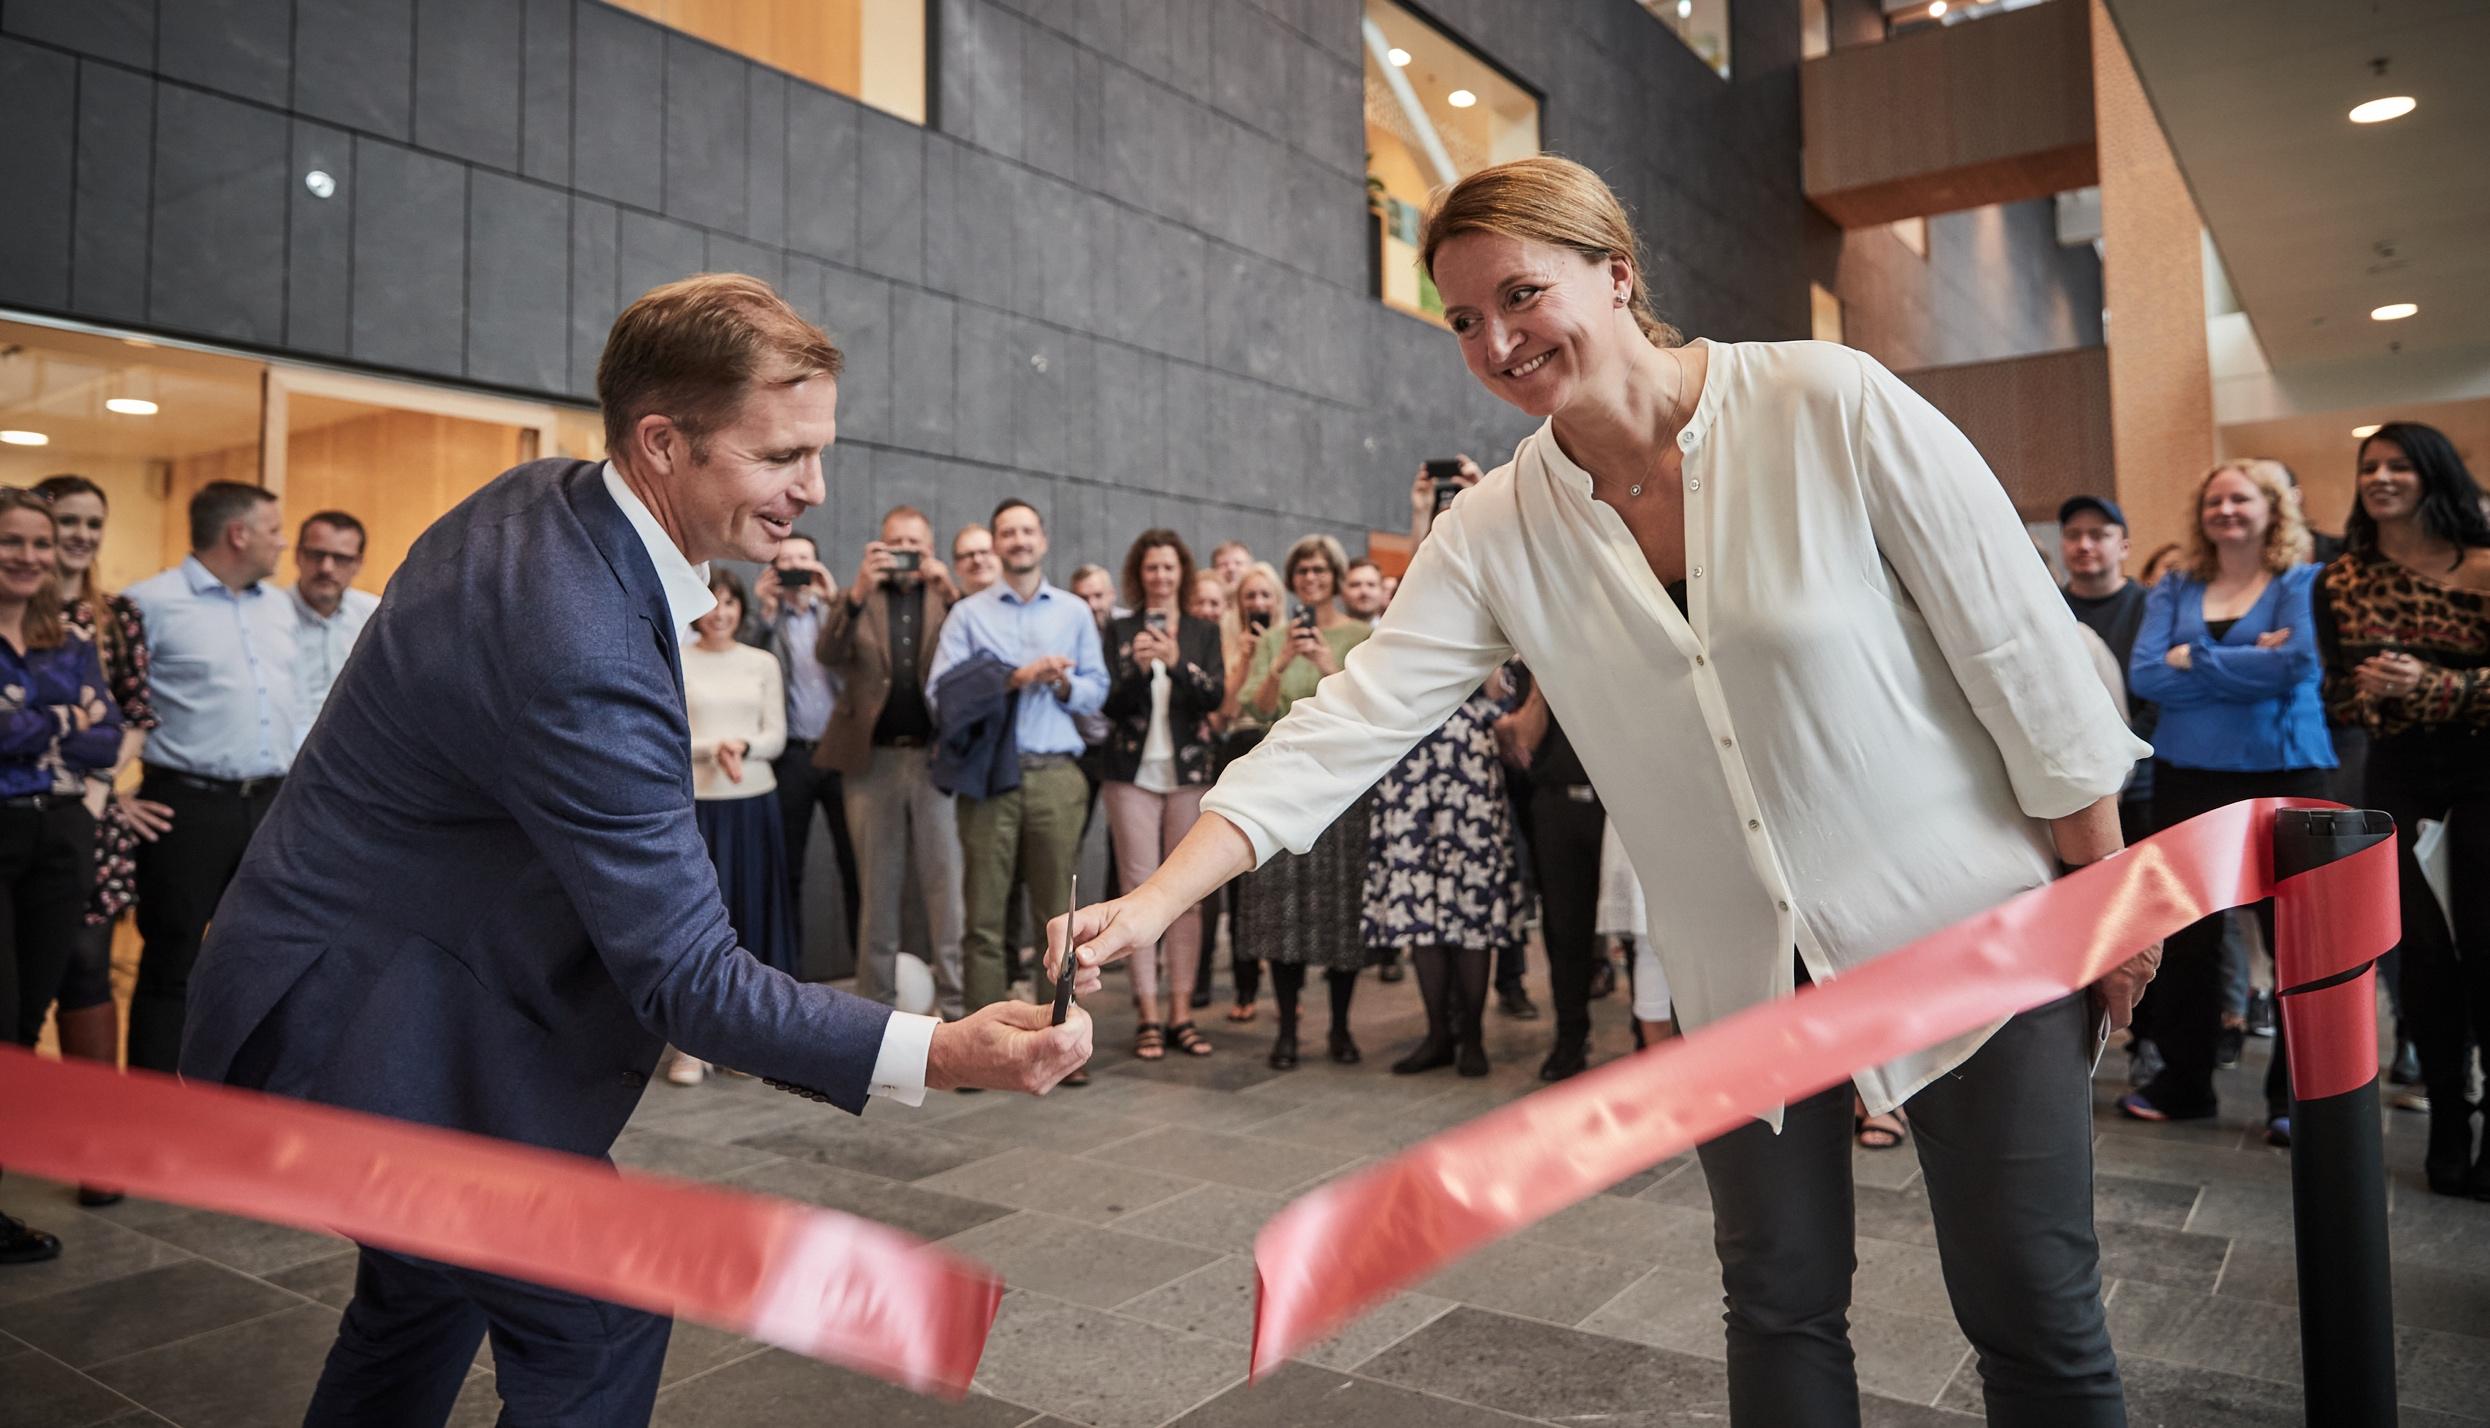 Ved åbningen af Novasols nye kundeservicecenter i Aksen i Aarhus deltog koncernchef for Awaze-gruppen, der ejer Novasol, Henrik Kjellberg, og byrådsmedlem i Aarhus Kommune, Heidi Bank. Pressefoto fra Novasol: Jakob Lerche.